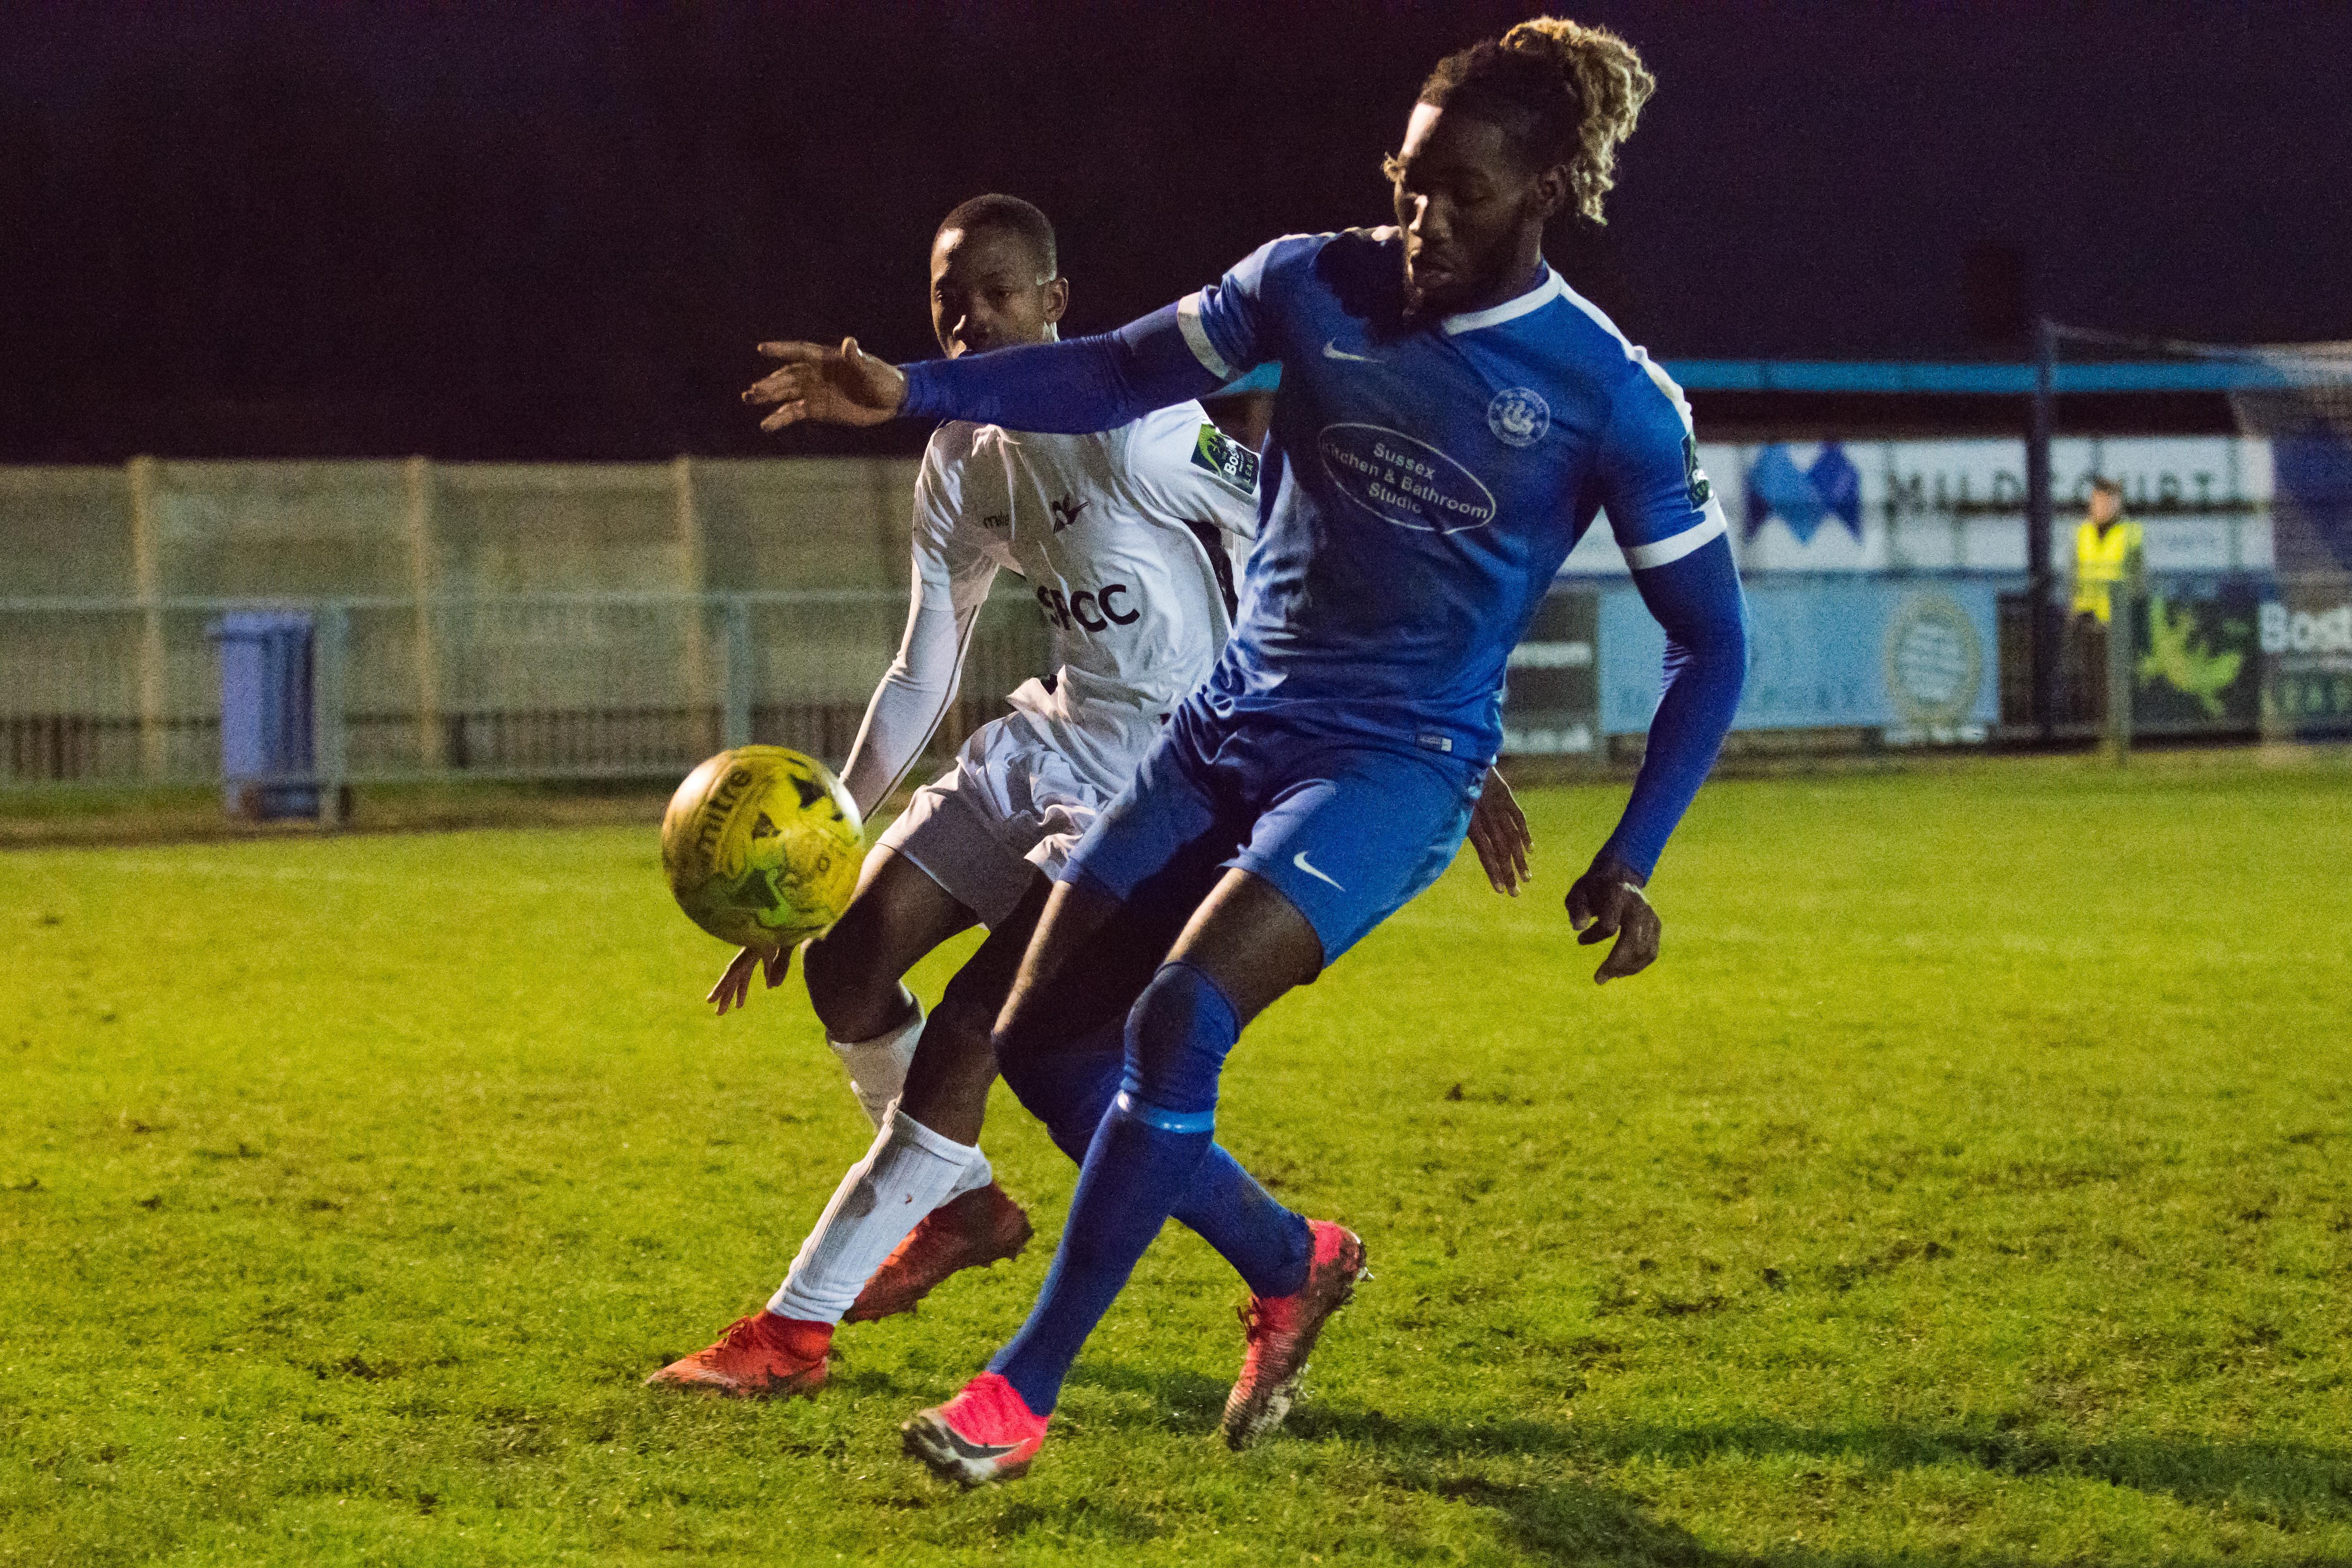 Shoreham FC vs Carshalton Ath 23.12.17 108